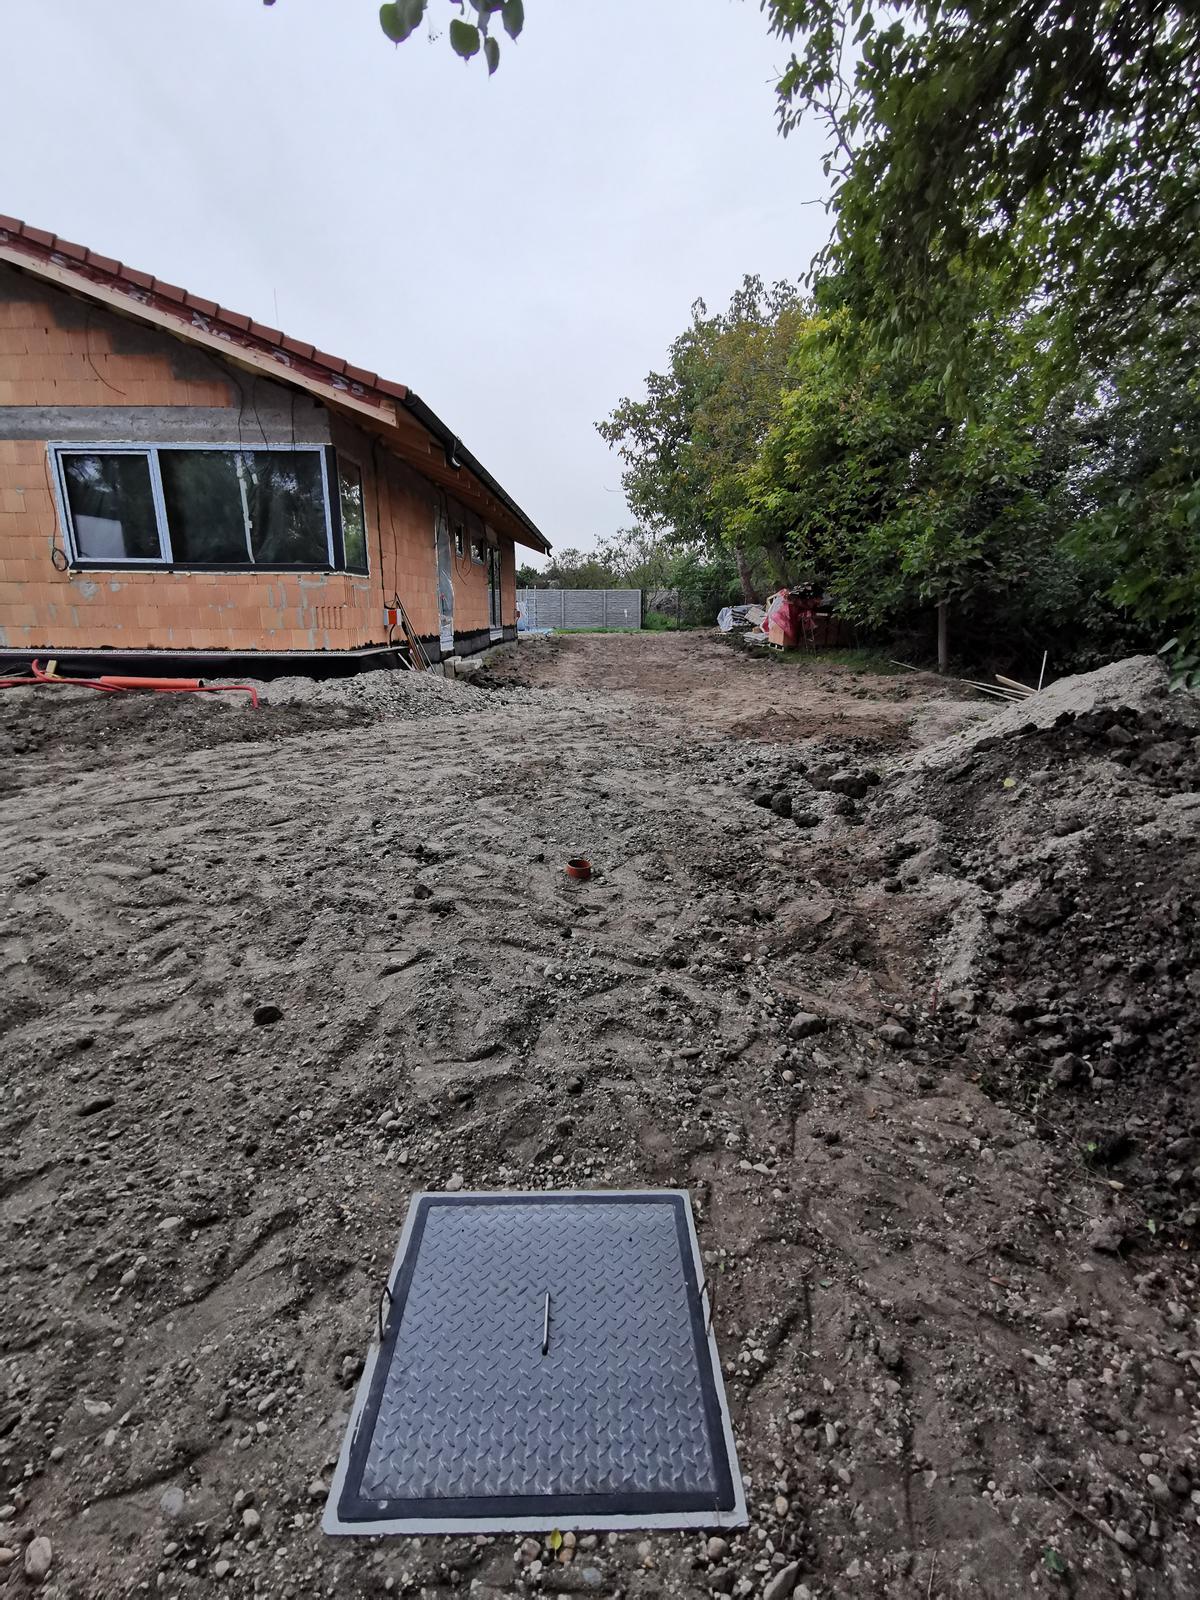 Euroline Bungalov 1871 - 25.09.2019 Žumpa osadená, zakopaná, vzadu za domom aj studňa plus malé úpravy terénu